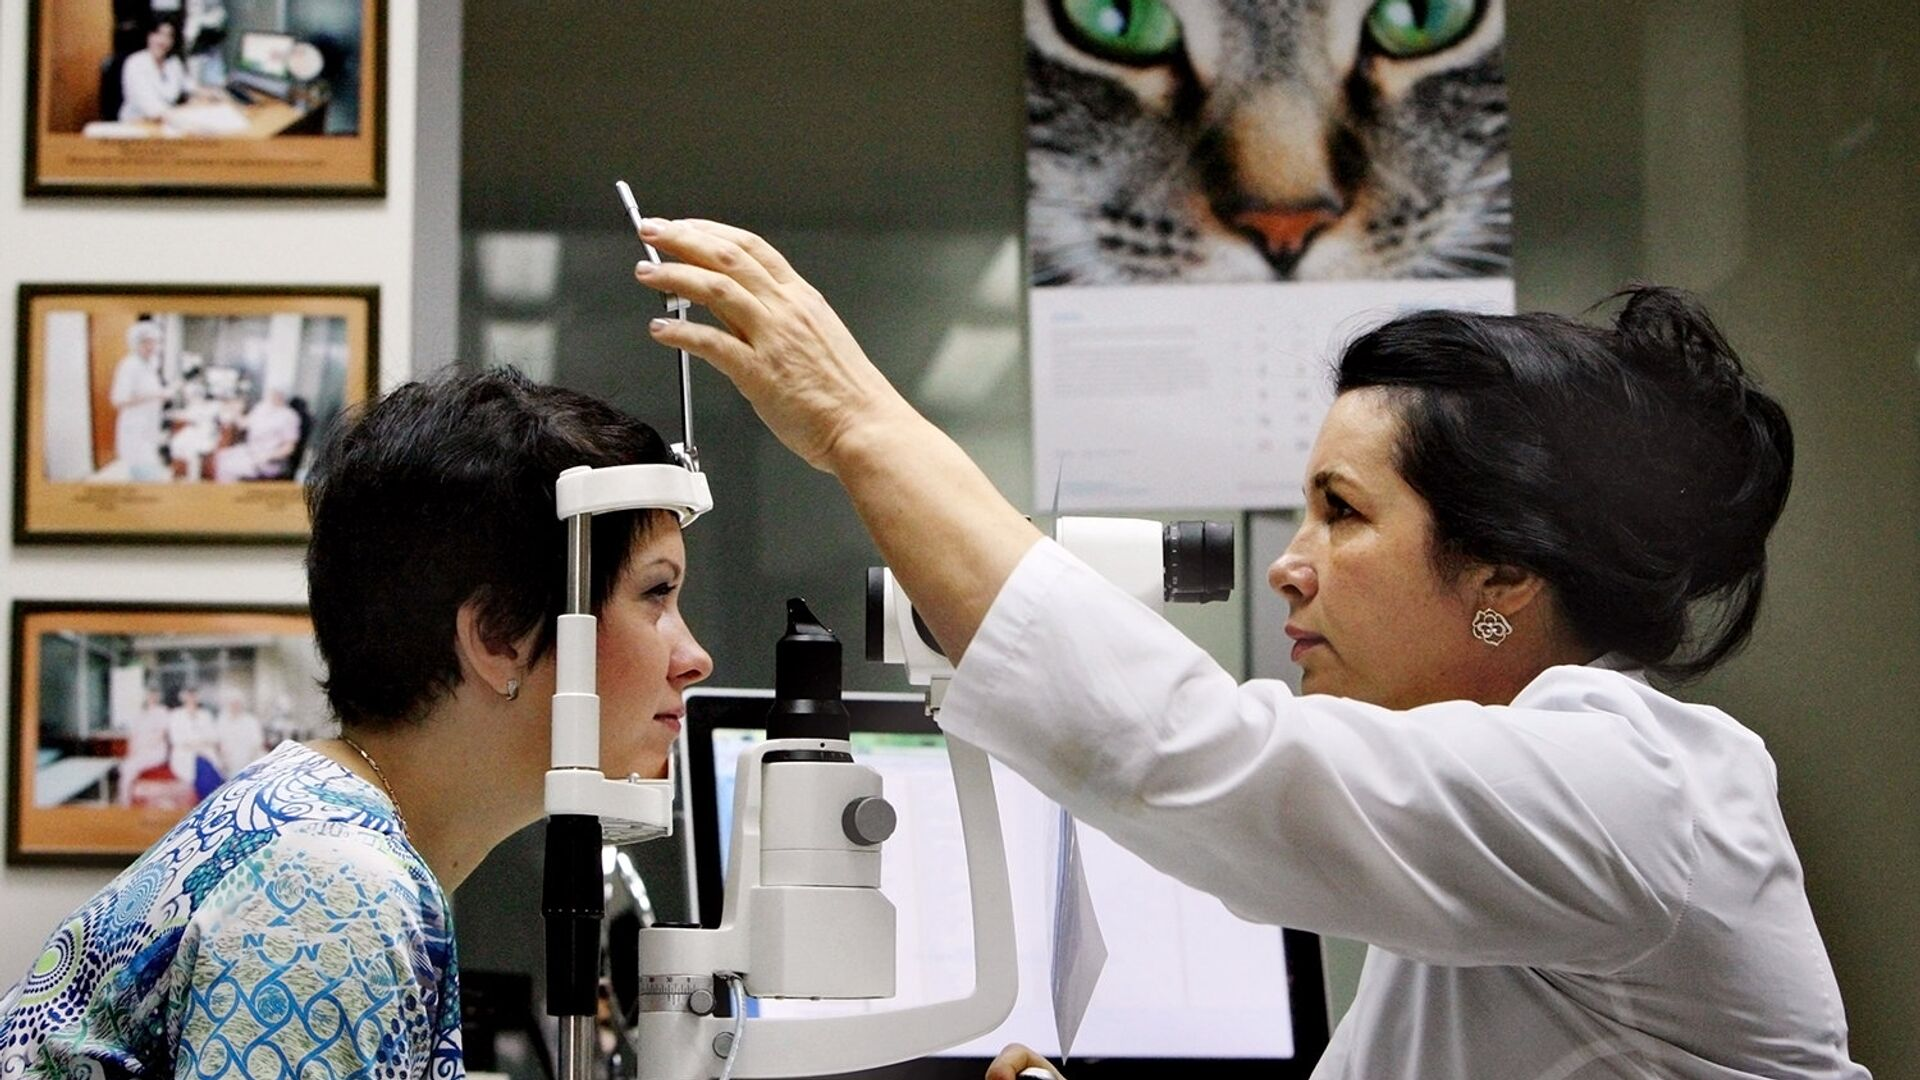 Прежде чем идти выбирать контактные линзы ли очки, необходимо обследоваться у офтальмолога - РИА Новости, 1920, 20.03.2021